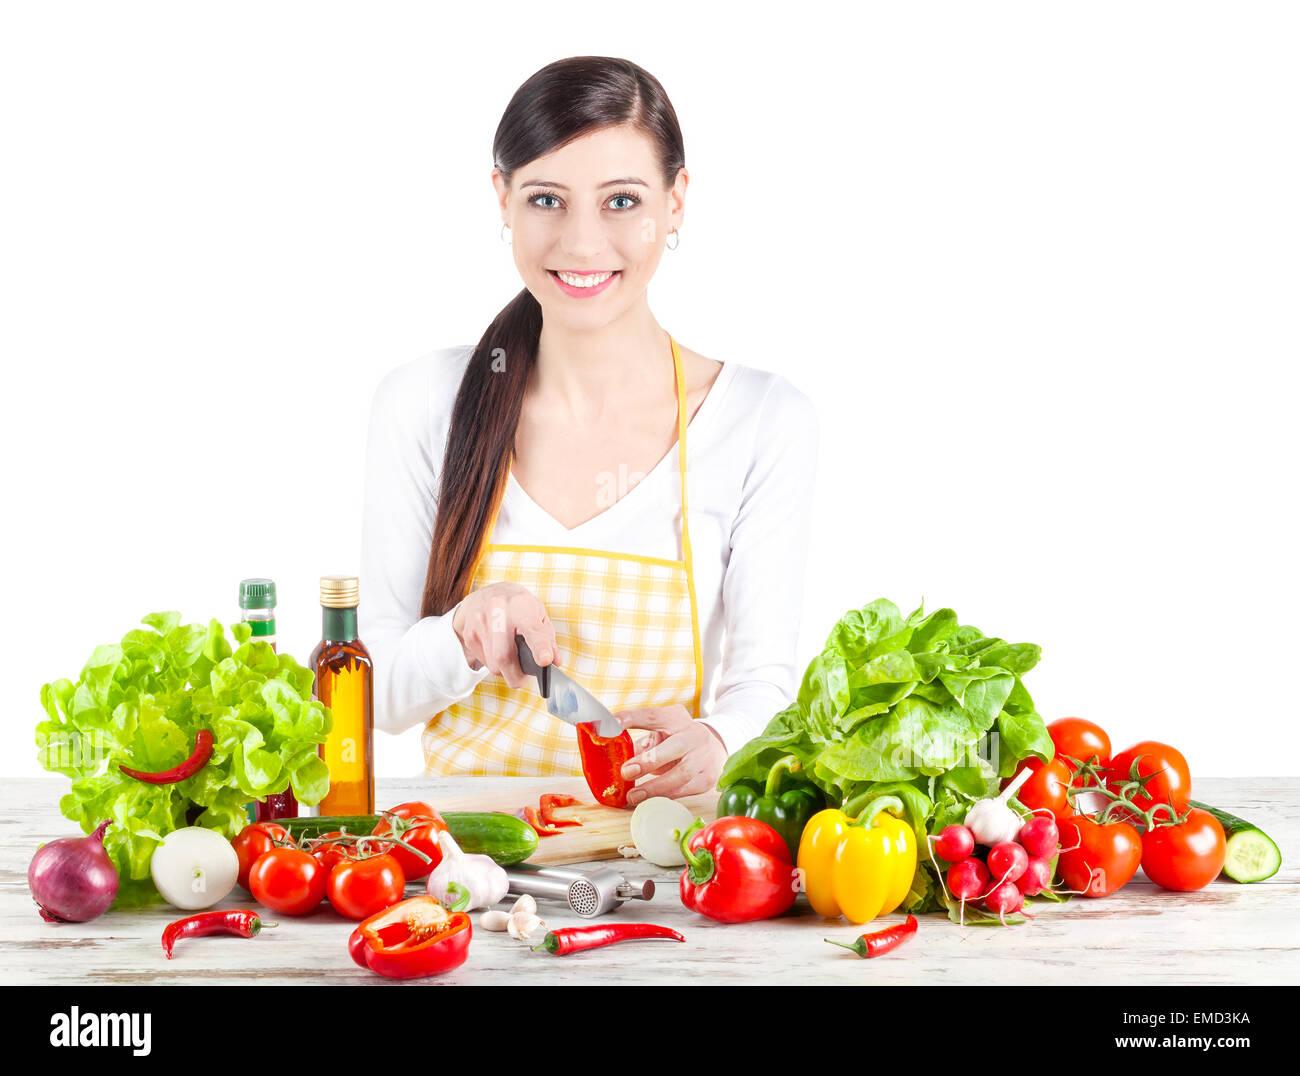 Mujer sonriente la preparación de ensalada. La comida sana y la dieta concepto. Aislado en blanco. Imagen De Stock